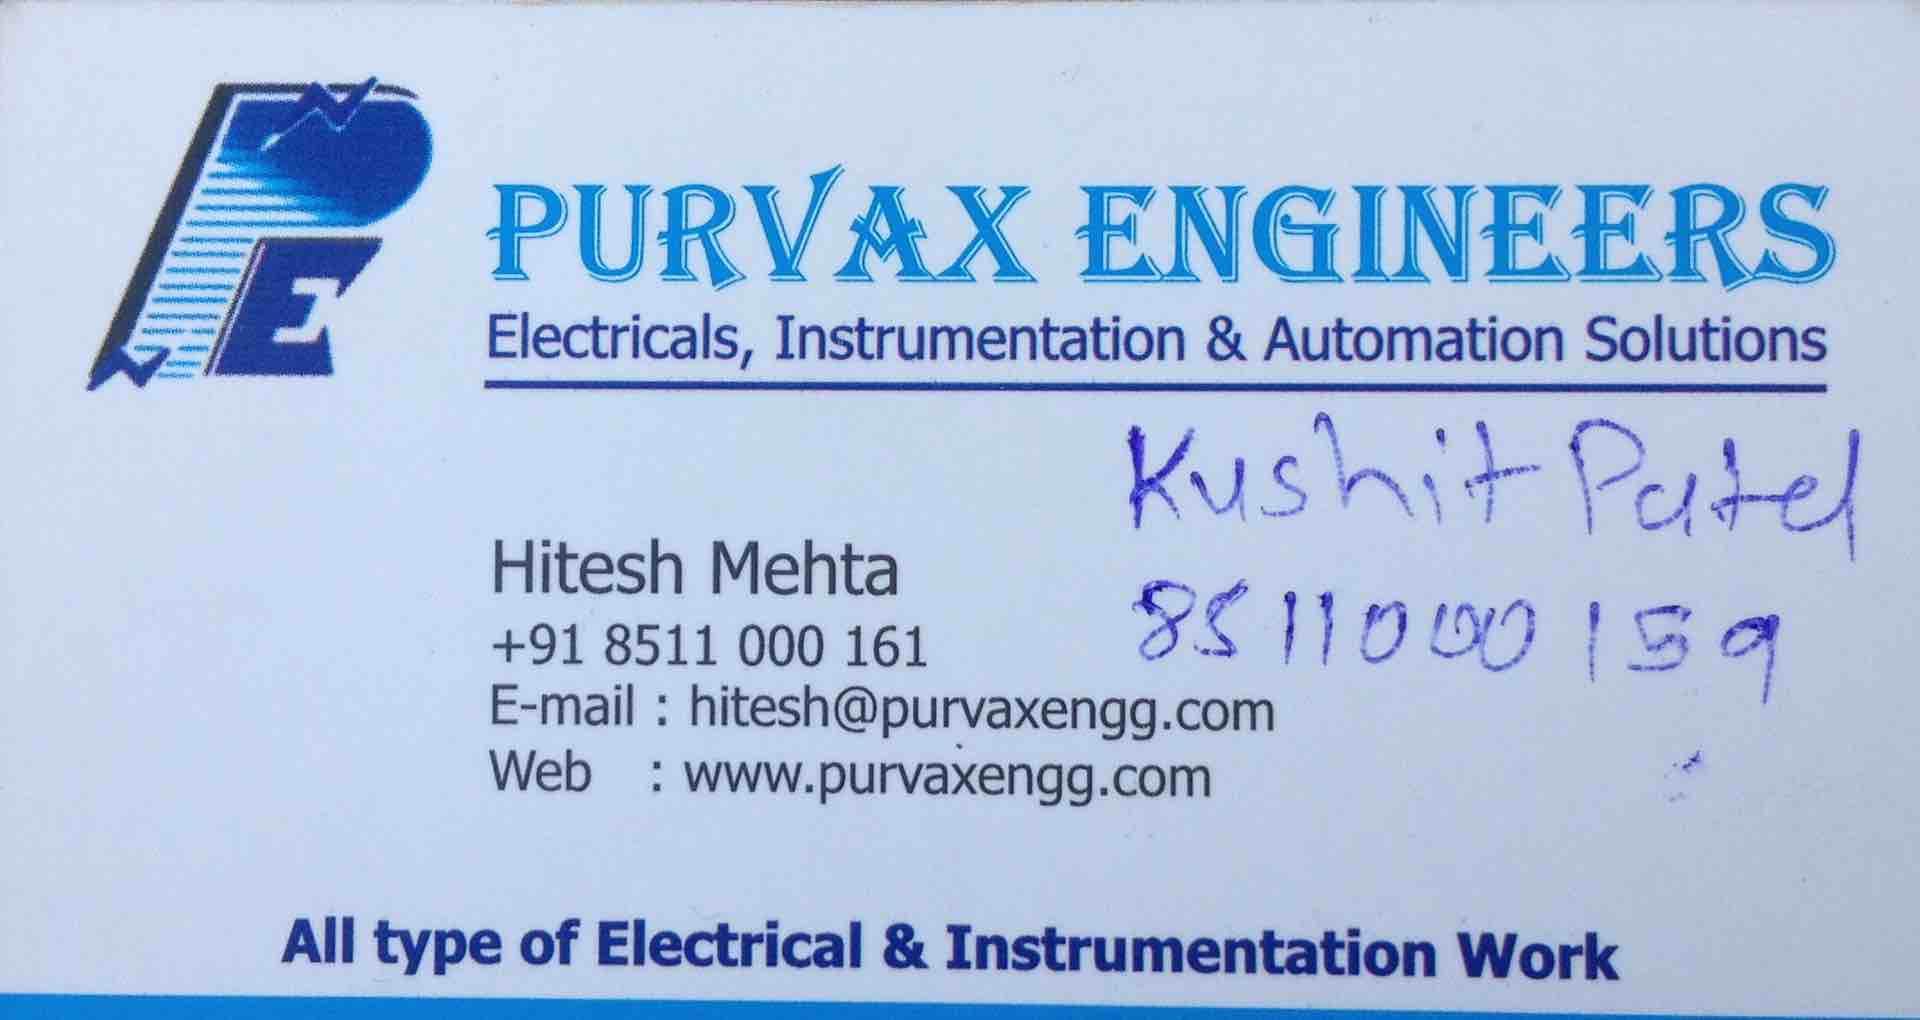 Purvax Engineers